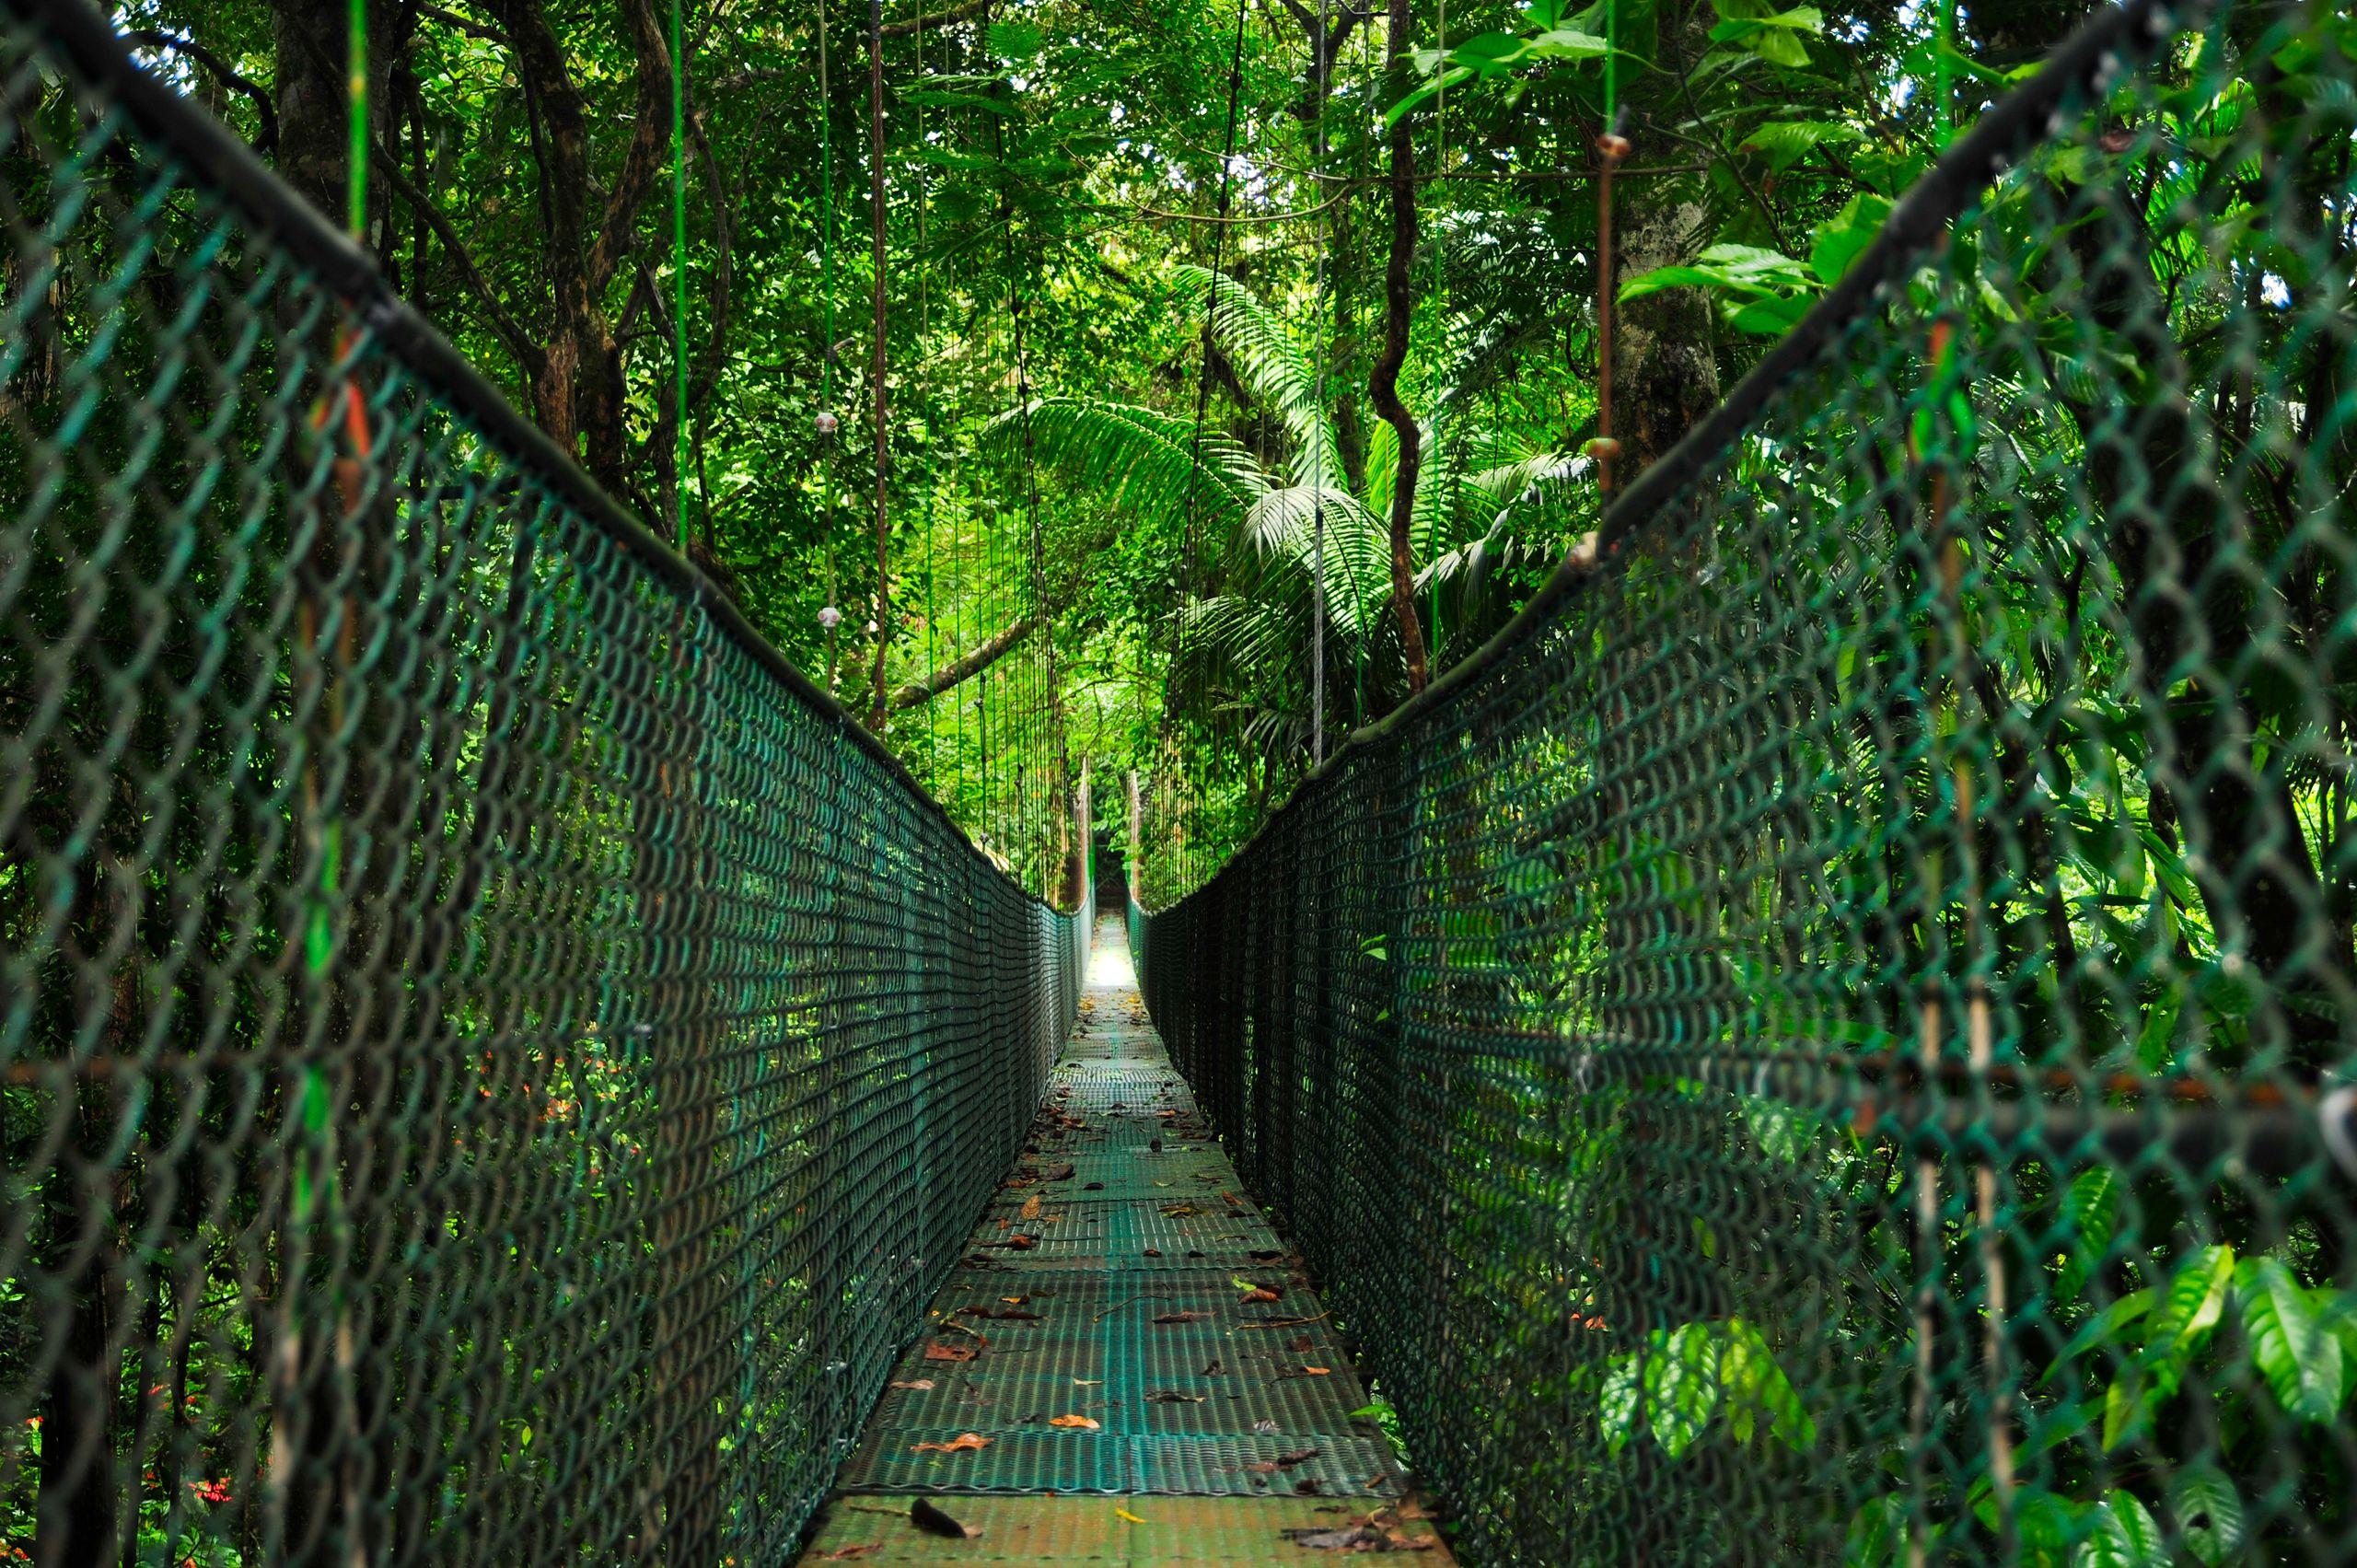 Suspension Bridge Over Rain Forest